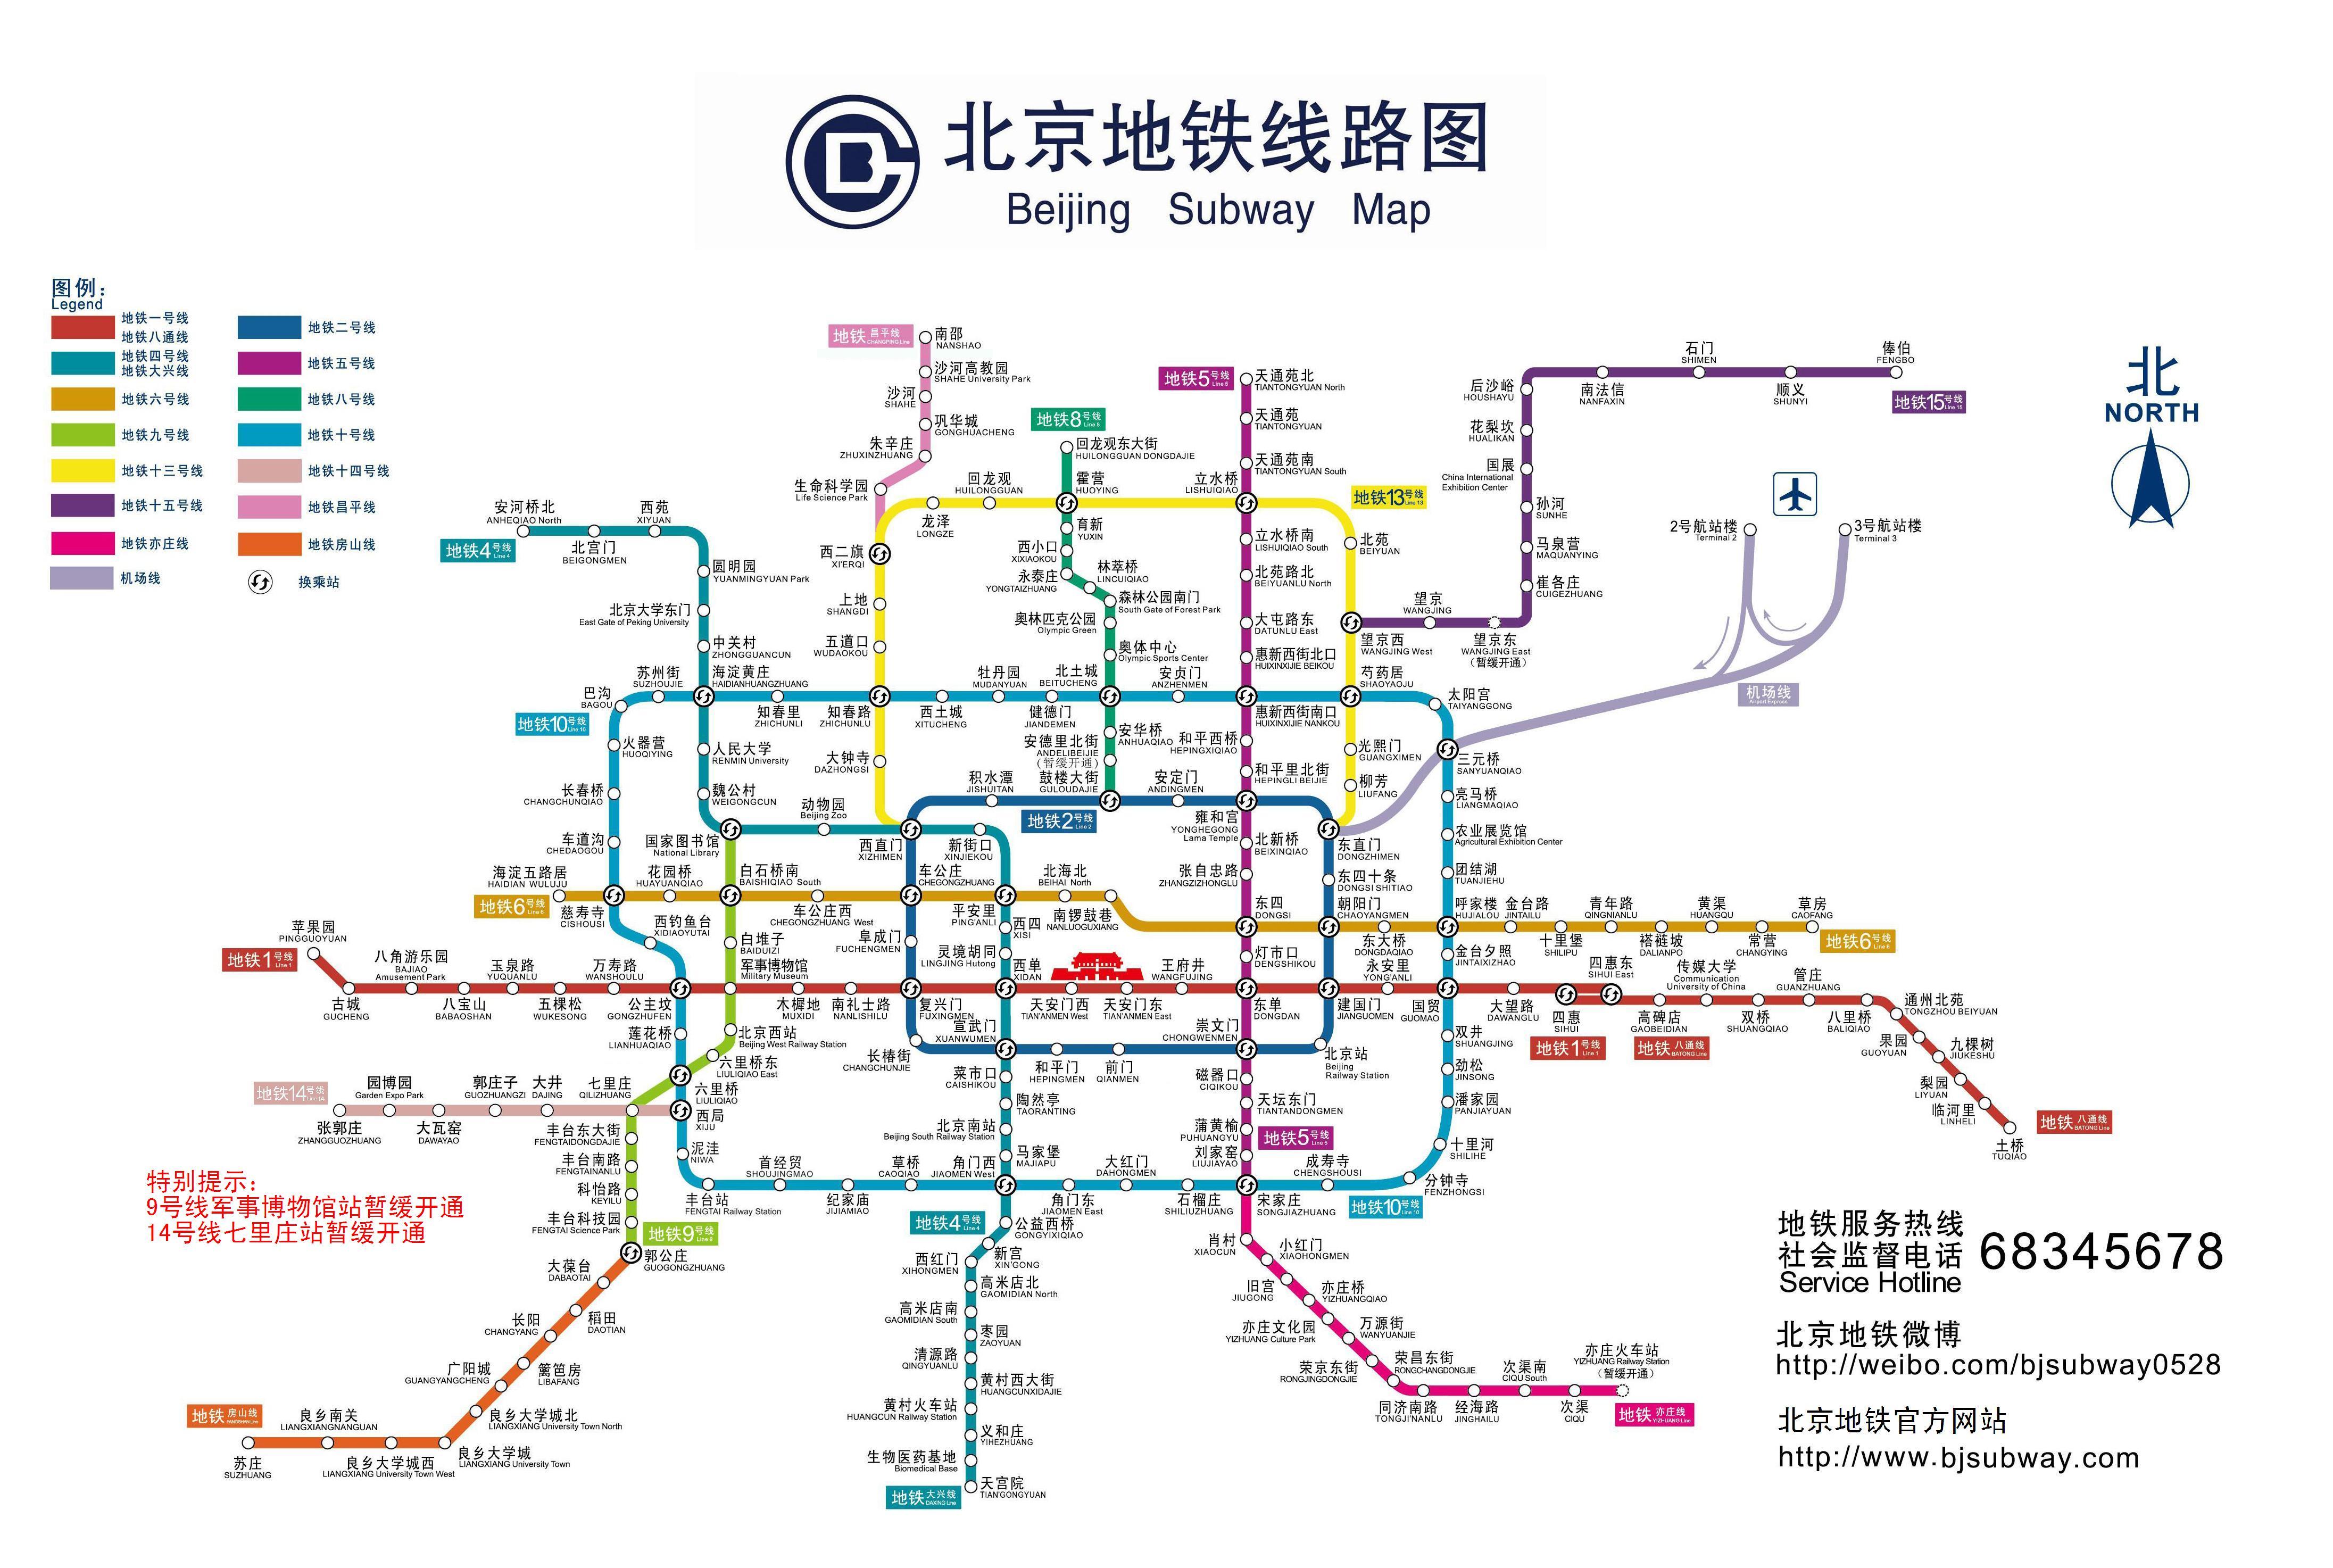 北京地铁线路图图片 北京地铁线路图图片大全 社会热点图片 非主流图图片